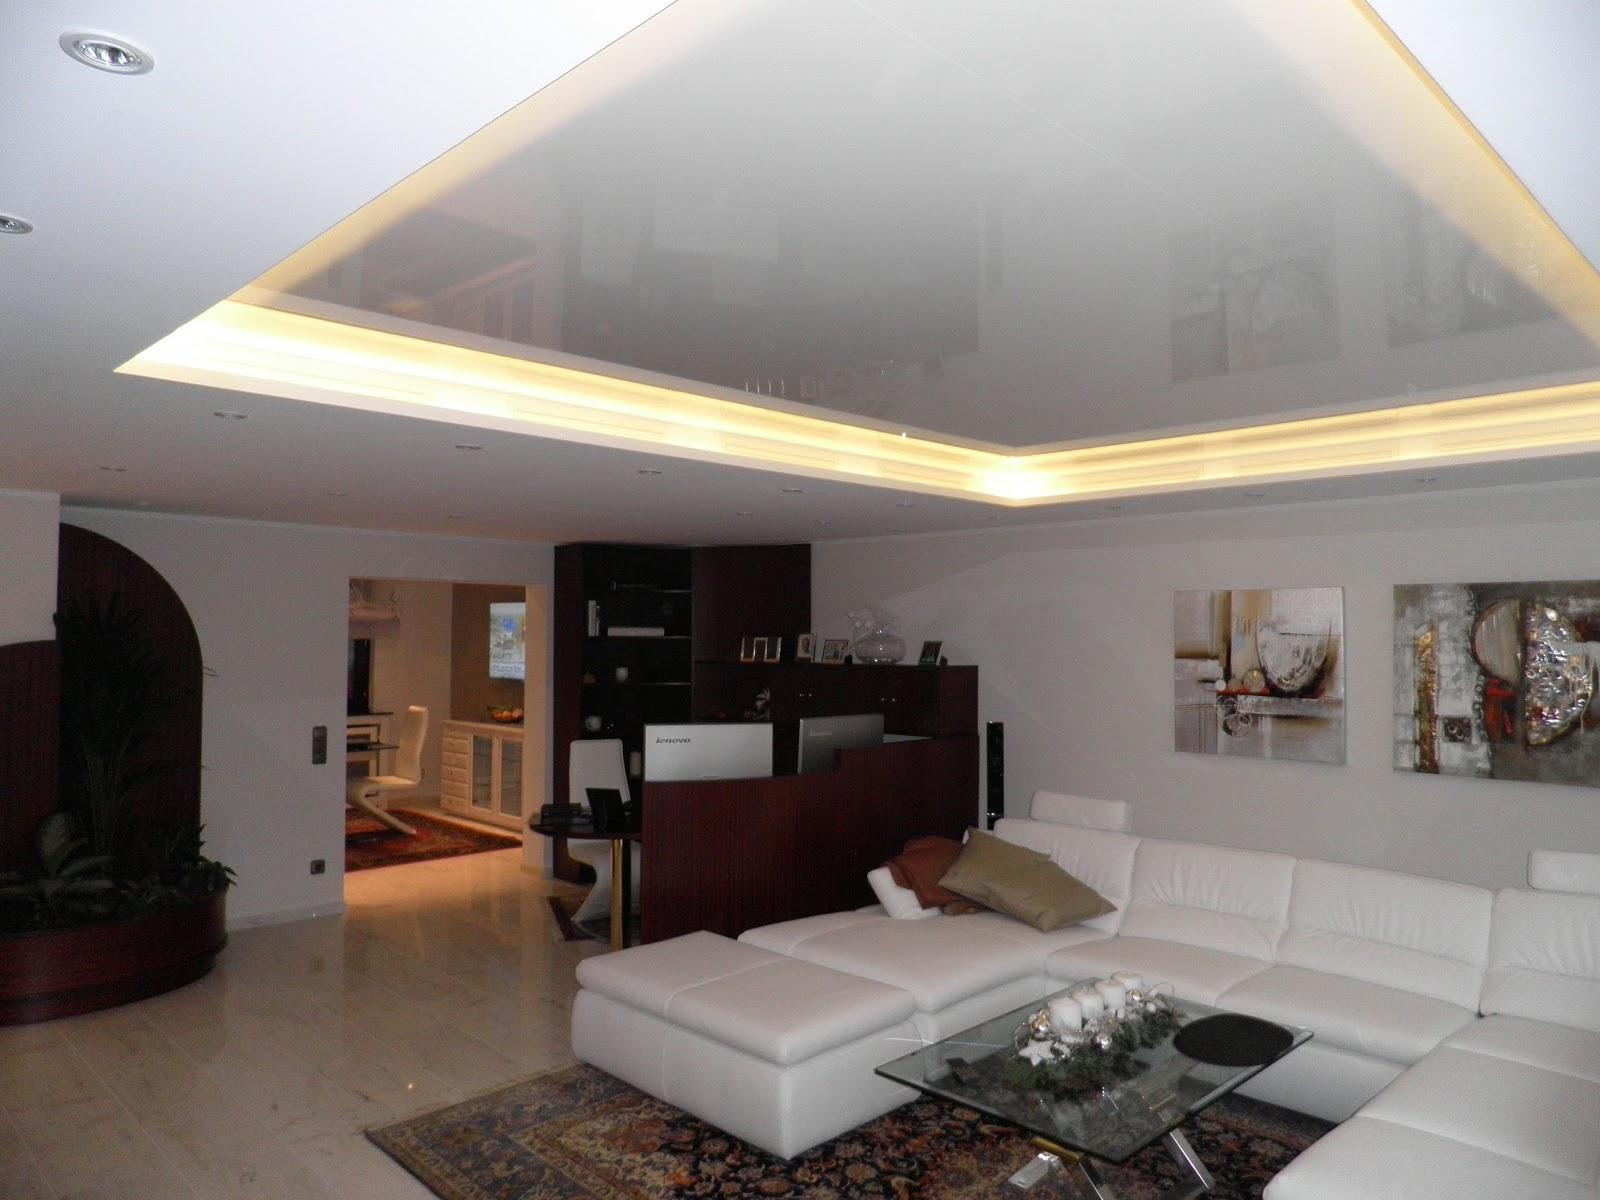 Full Size of Wohnzimmer Decken Paneele Moderne Wohnzimmer Decken Schöne Wohnzimmer Decken Wohnzimmer Decken Beispiel Wohnzimmer Wohnzimmer Decken